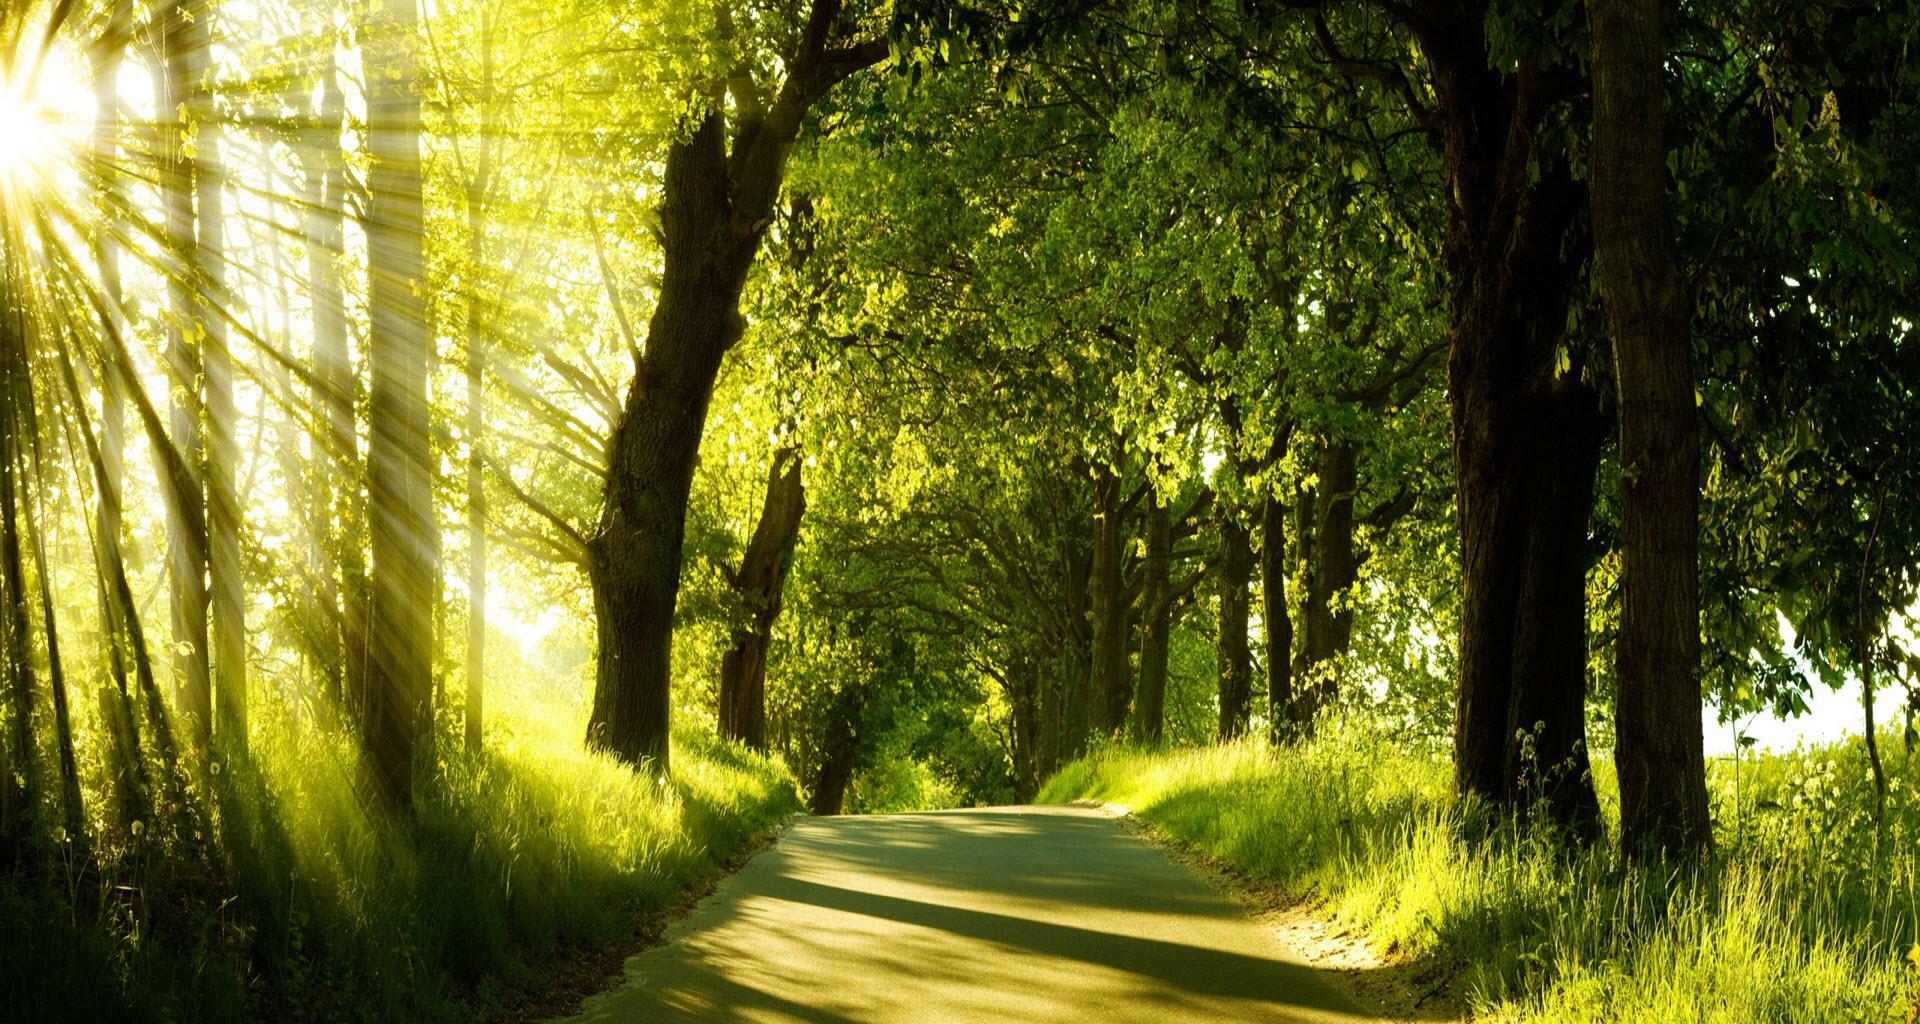 Beautiful path nature wallpaper hd